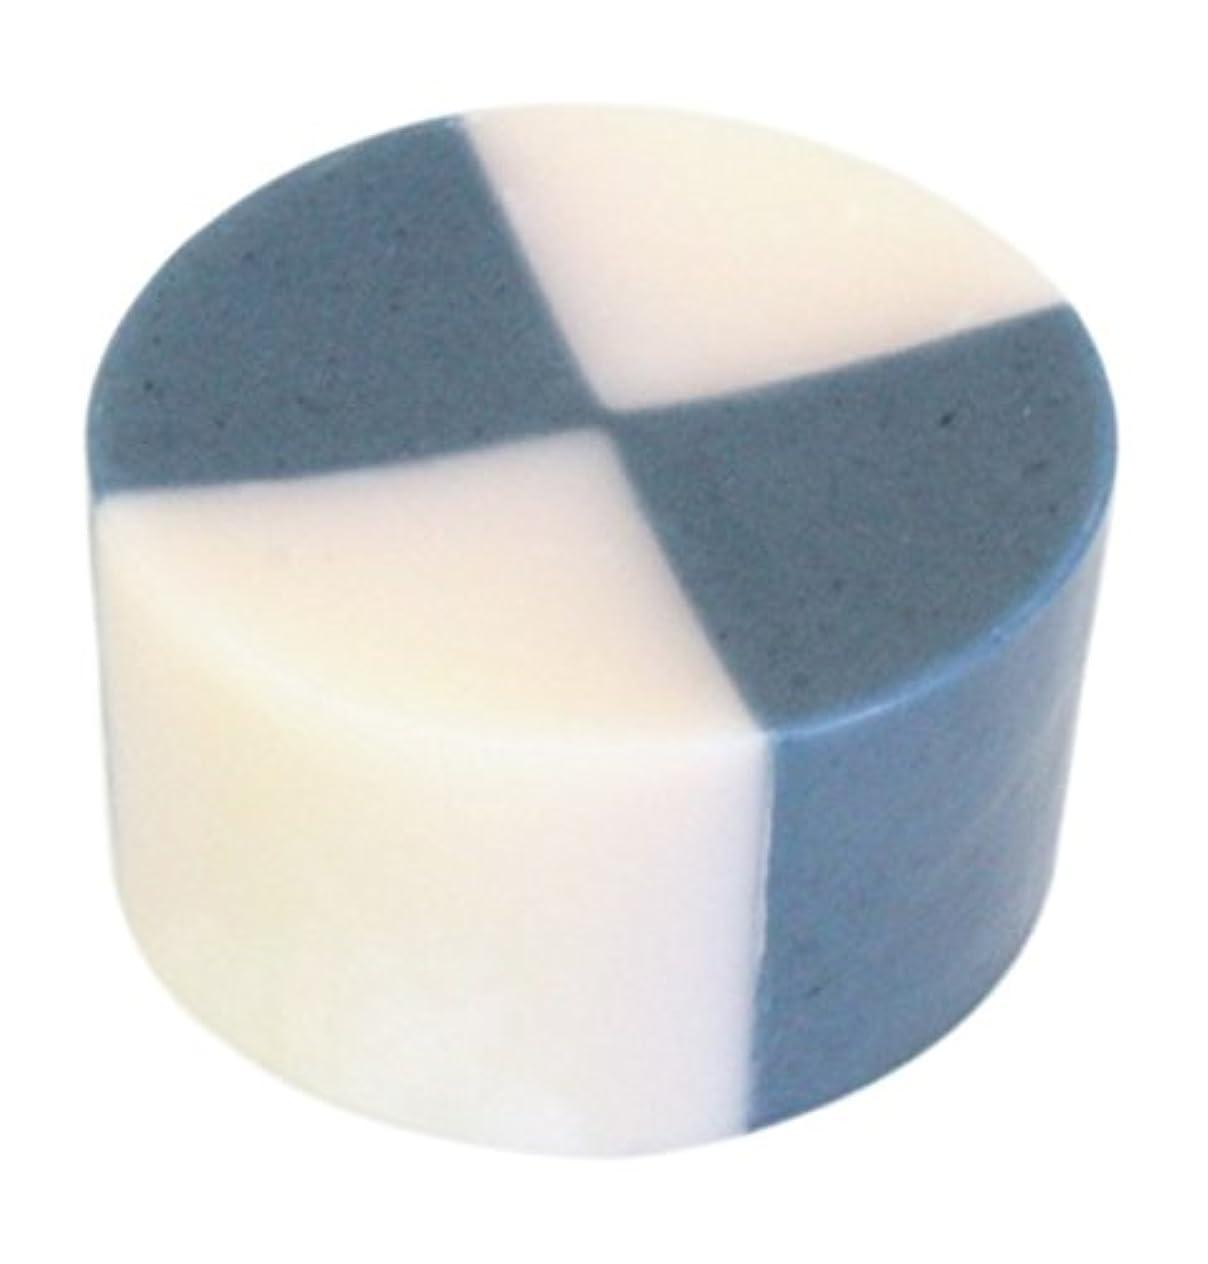 すり減る体操義務付けられた藍色工房 藍染め石けん「いちまつ」(60g)